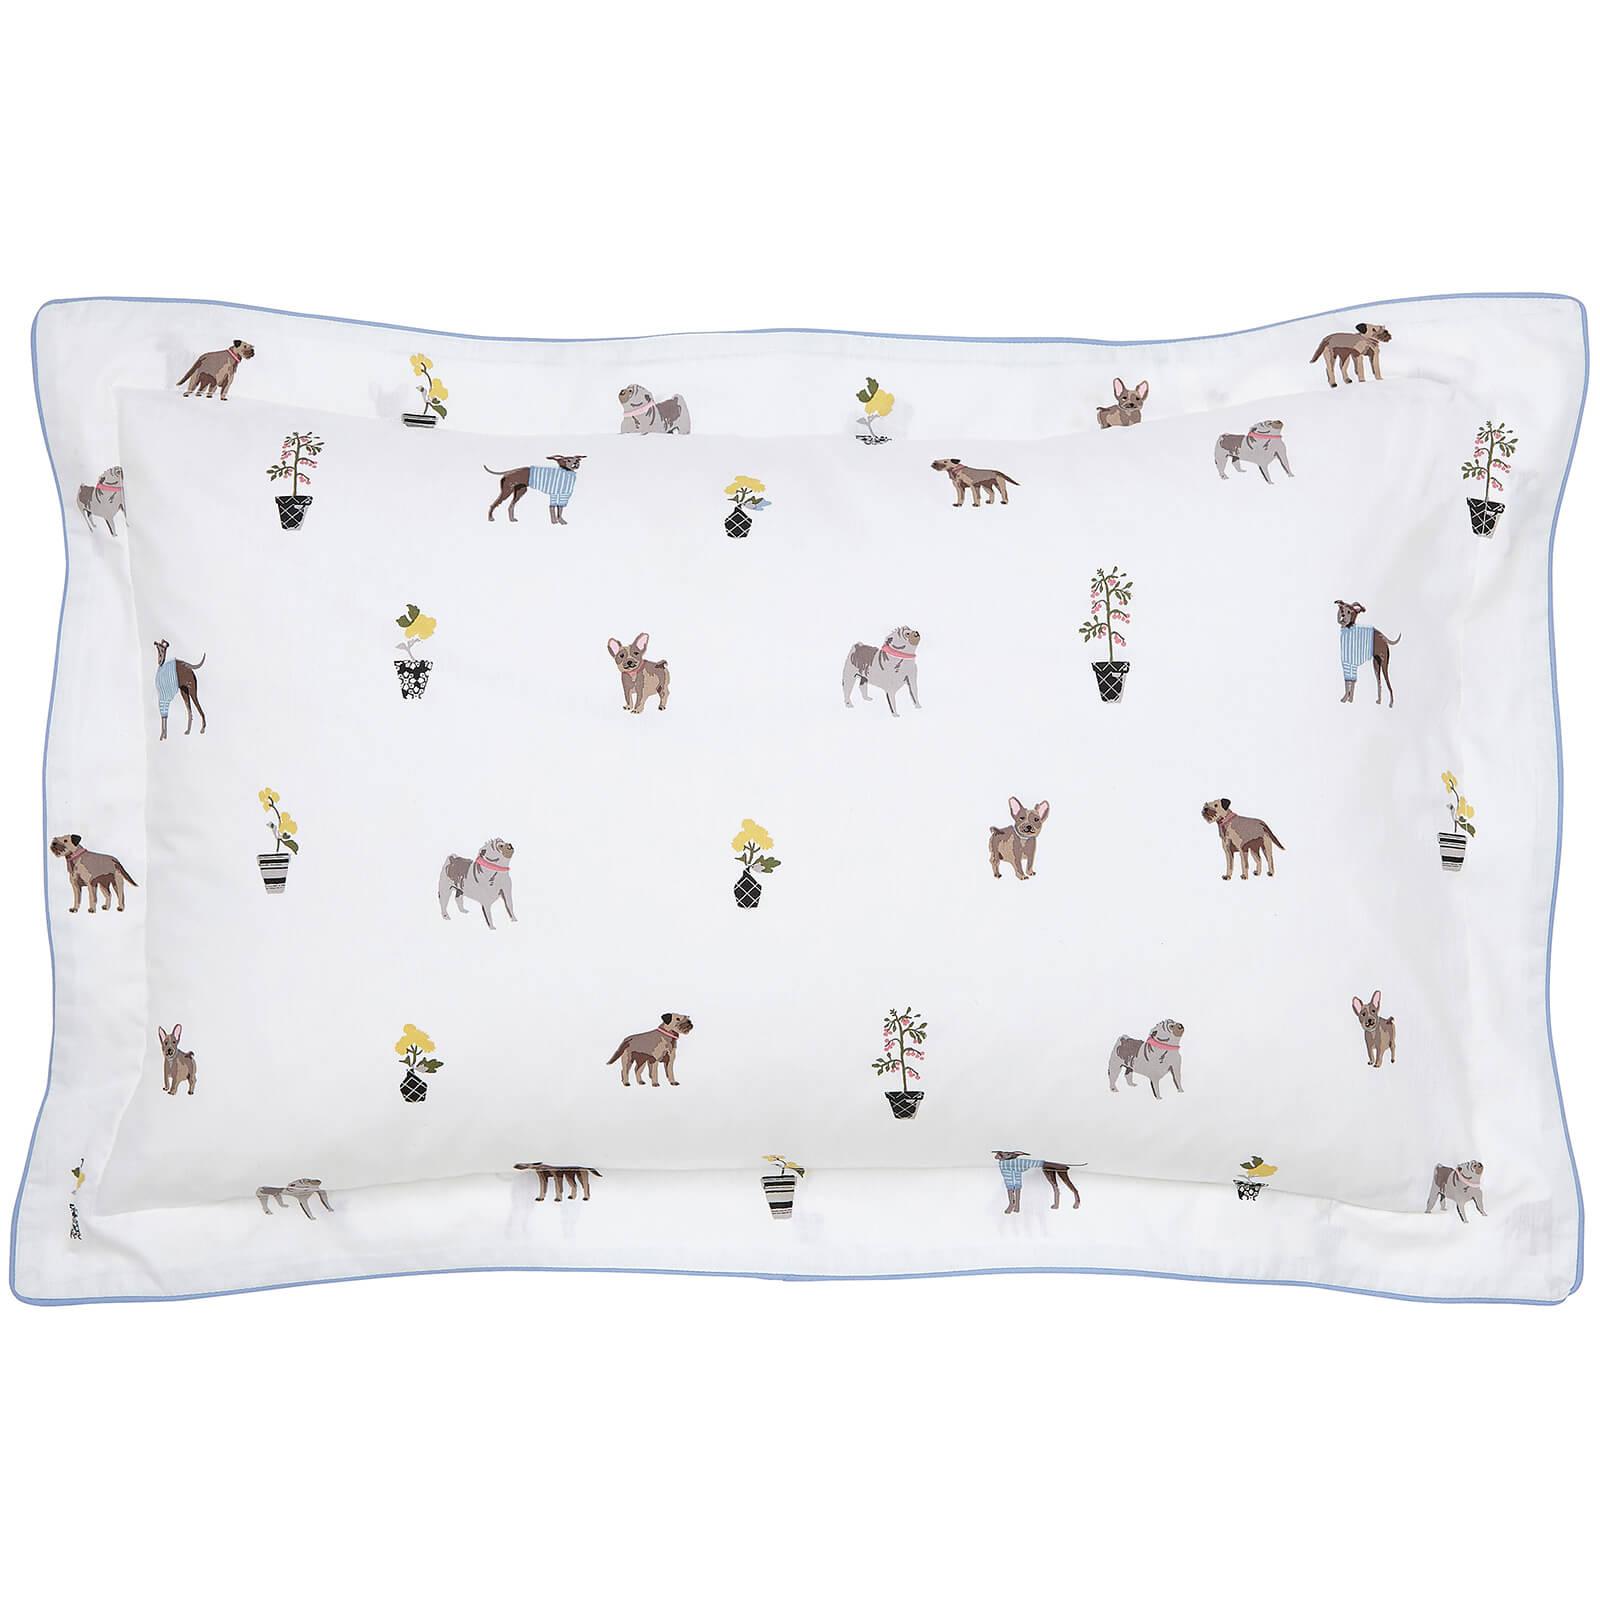 Joules Garden Dogs Oxford Pillowcase - White